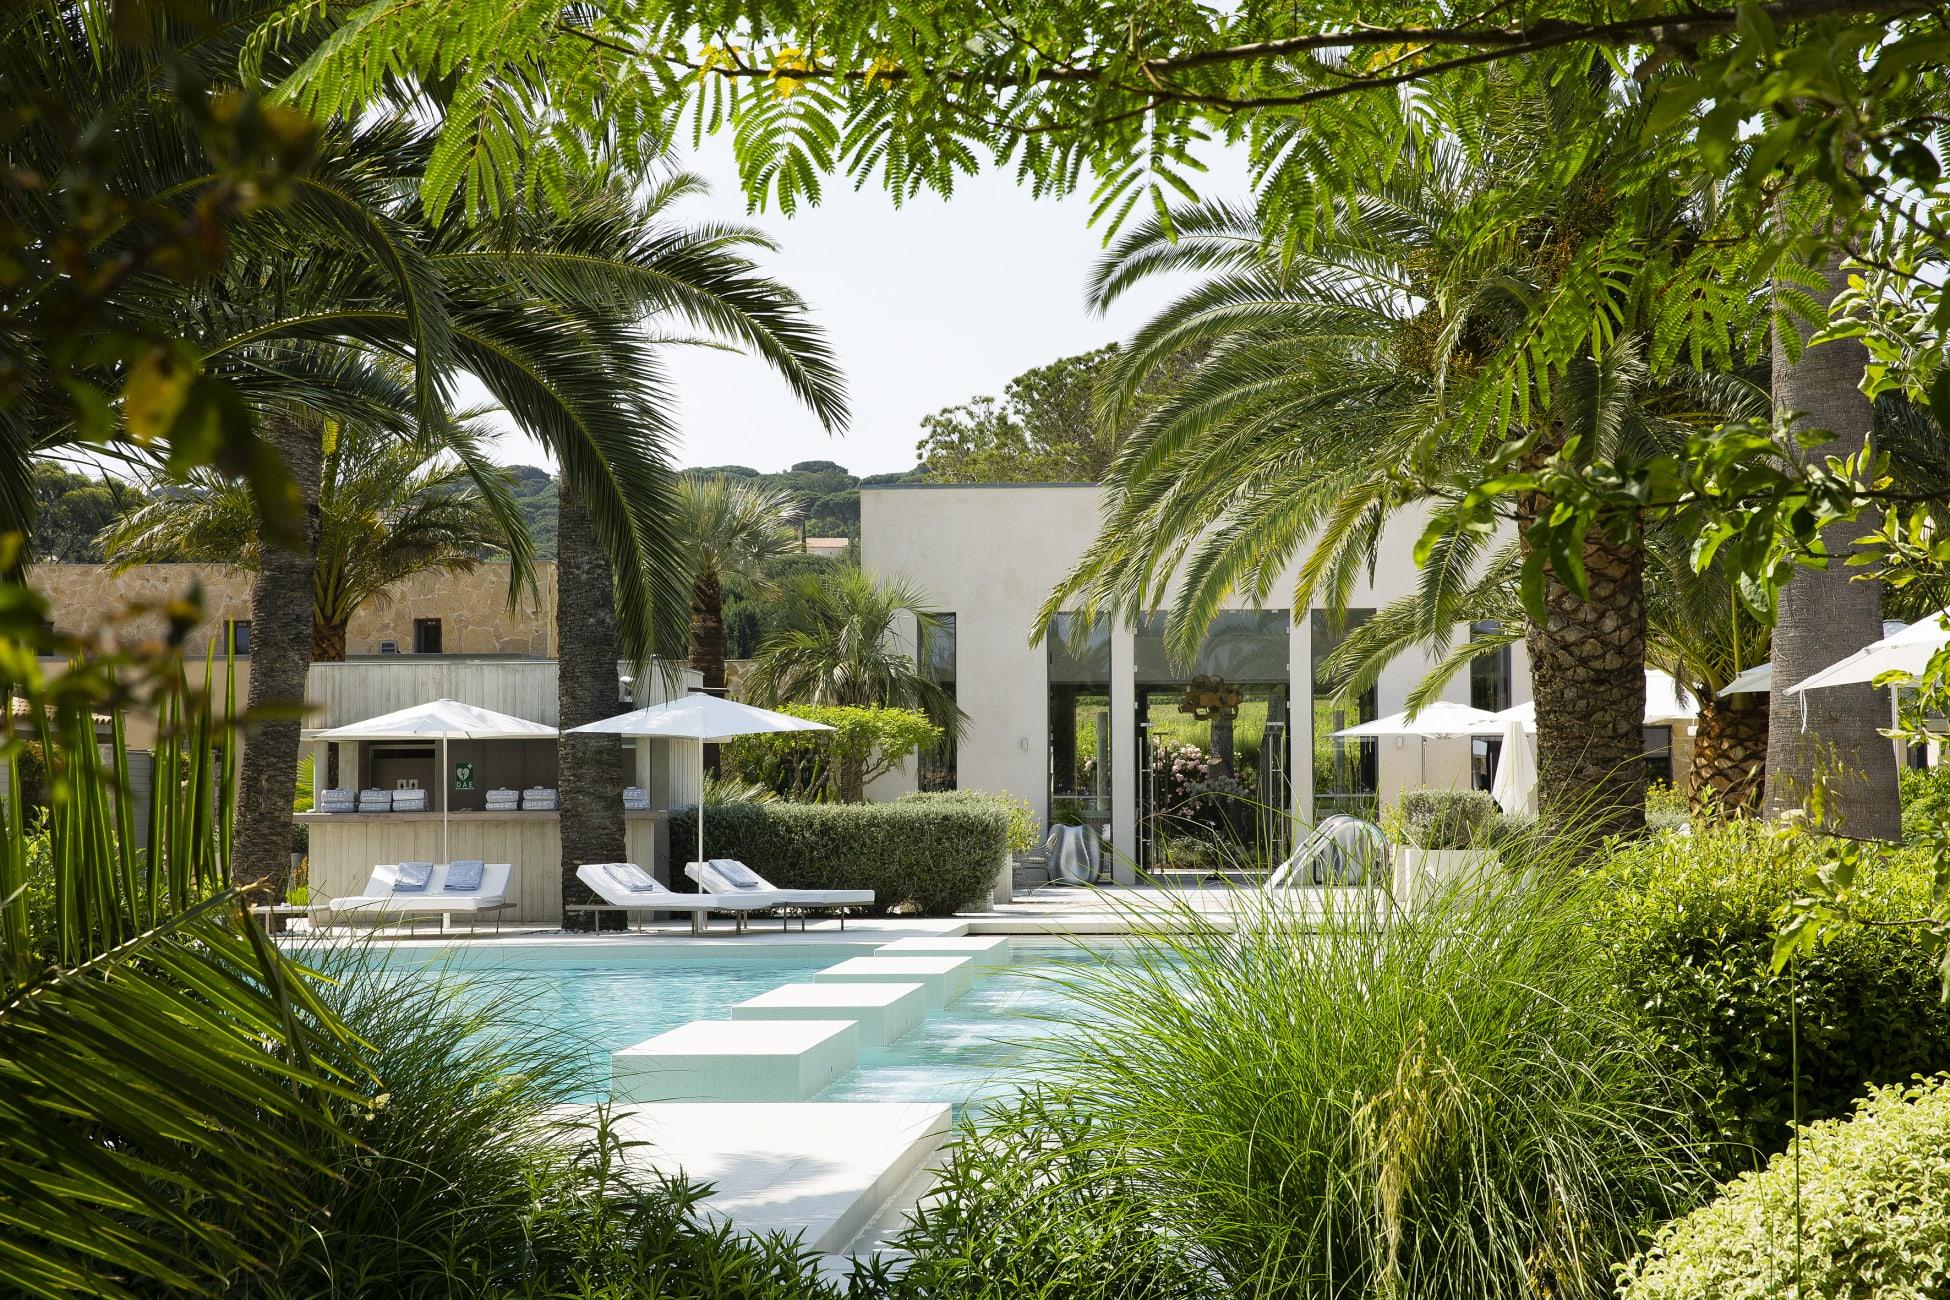 Otel Hotel Sezz Saint Tropez, Saint-Tropez - Trivago.tr dedans Hotel Les Jardins De Sainte Maxime